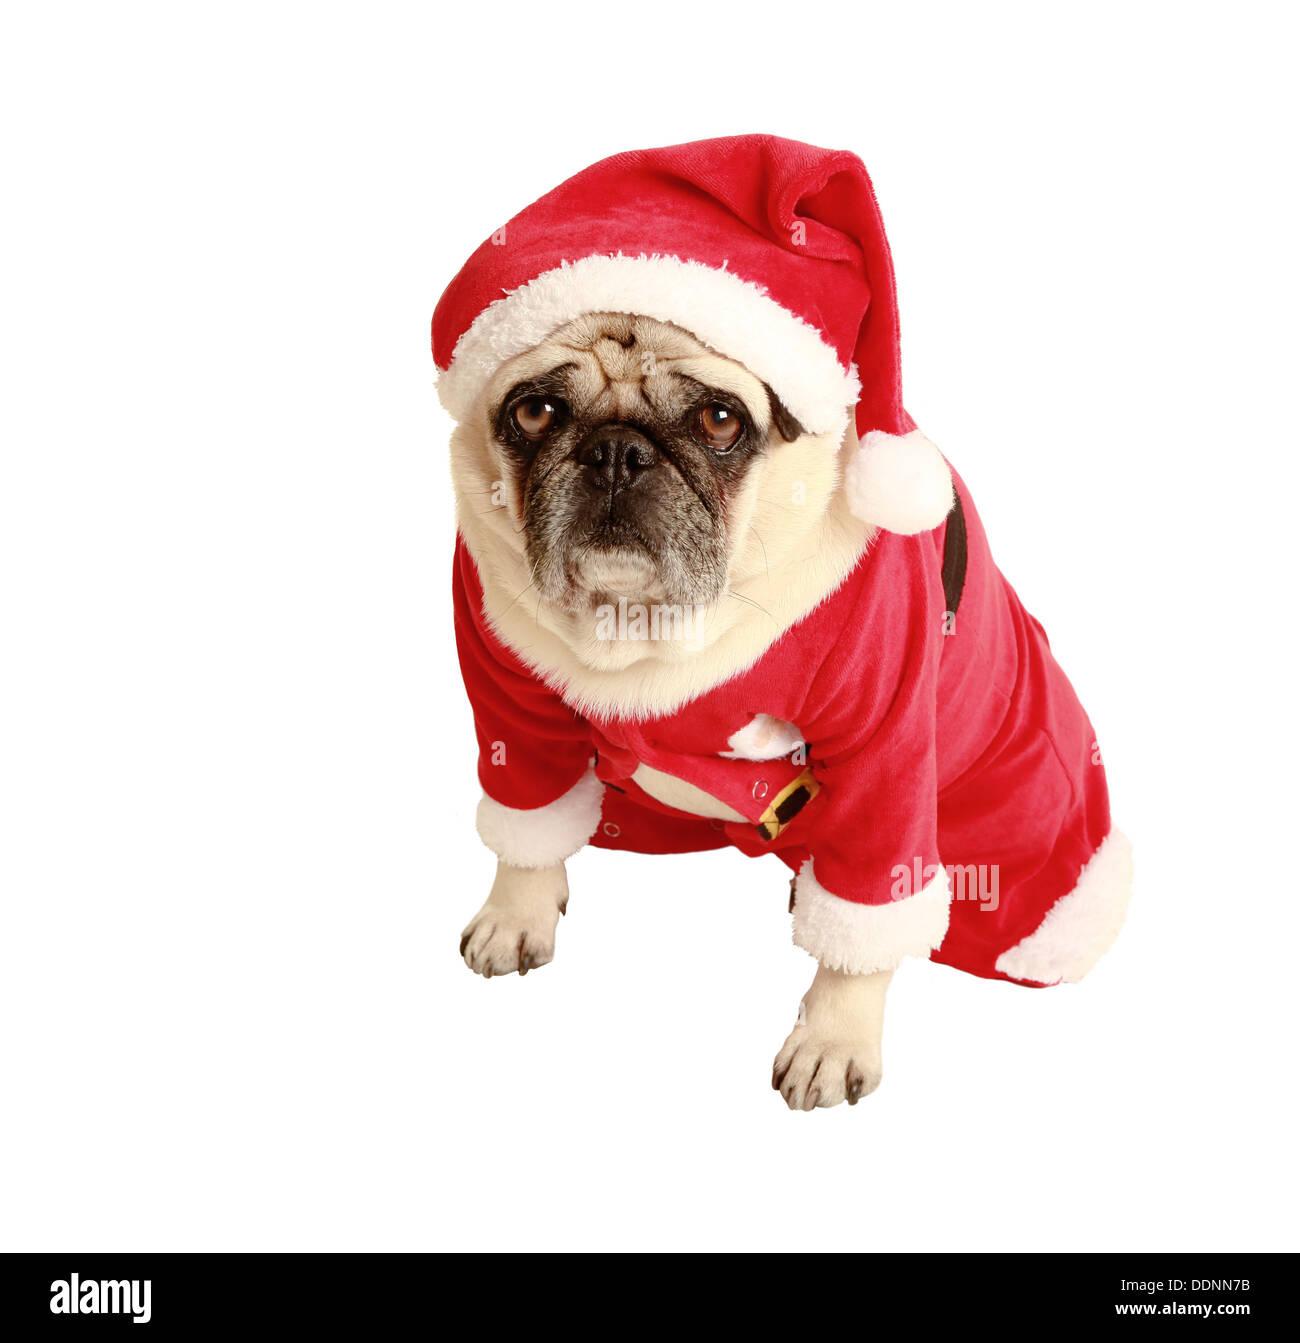 Foto Di Cani Vestiti Da Babbo Natale.Pug In Santa Costume Esentate Sfondo Bianco Vestiti Da